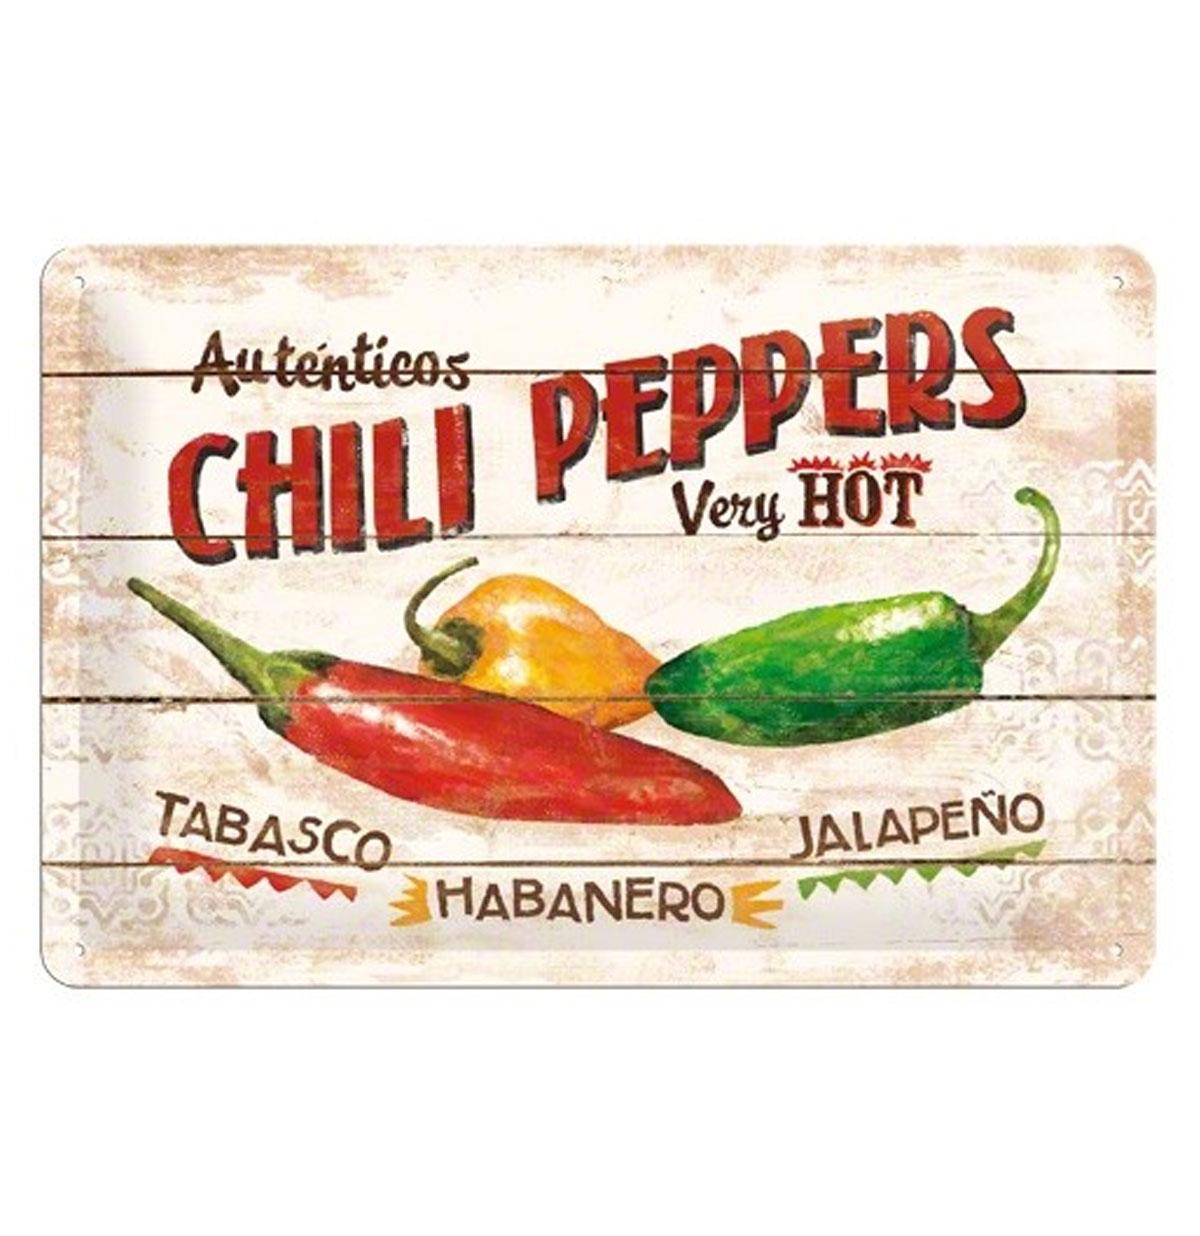 Autenticos Chili Peppers Very Hot Metalen Bord 20 x 30 cm